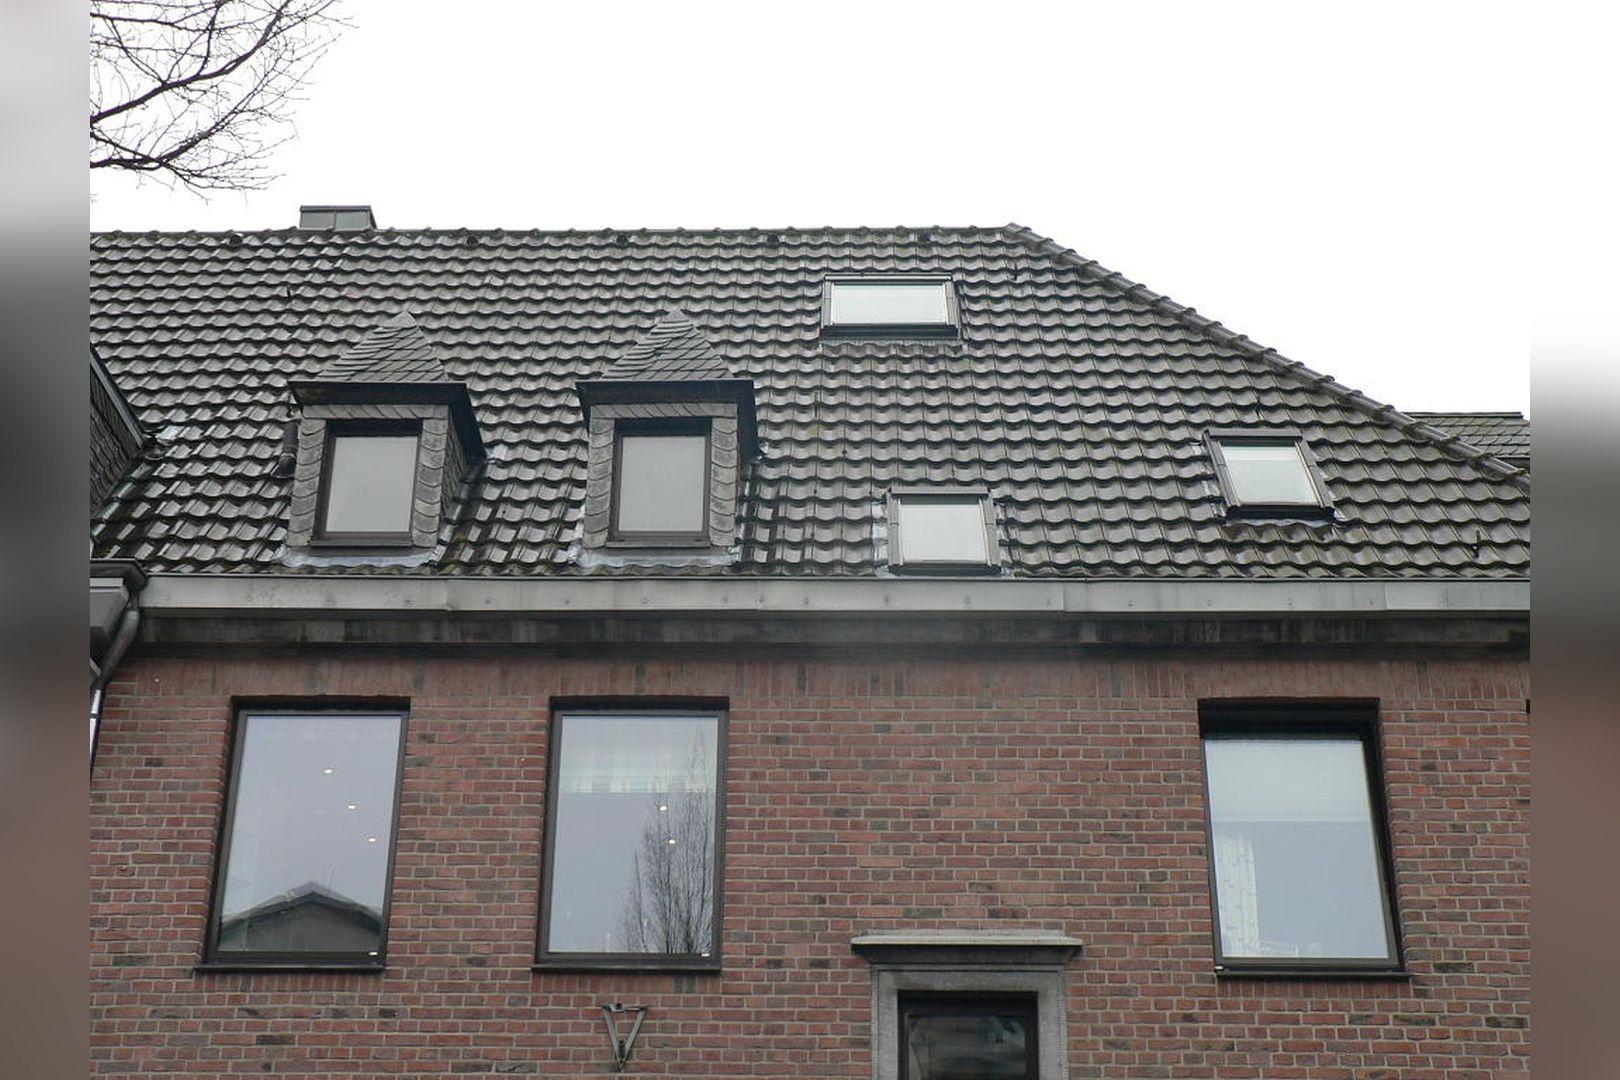 Immobilie Nr.0251 - Maisonette-Wohnung mit Galerie und großer Dachterrasse  - Bild 15.jpg